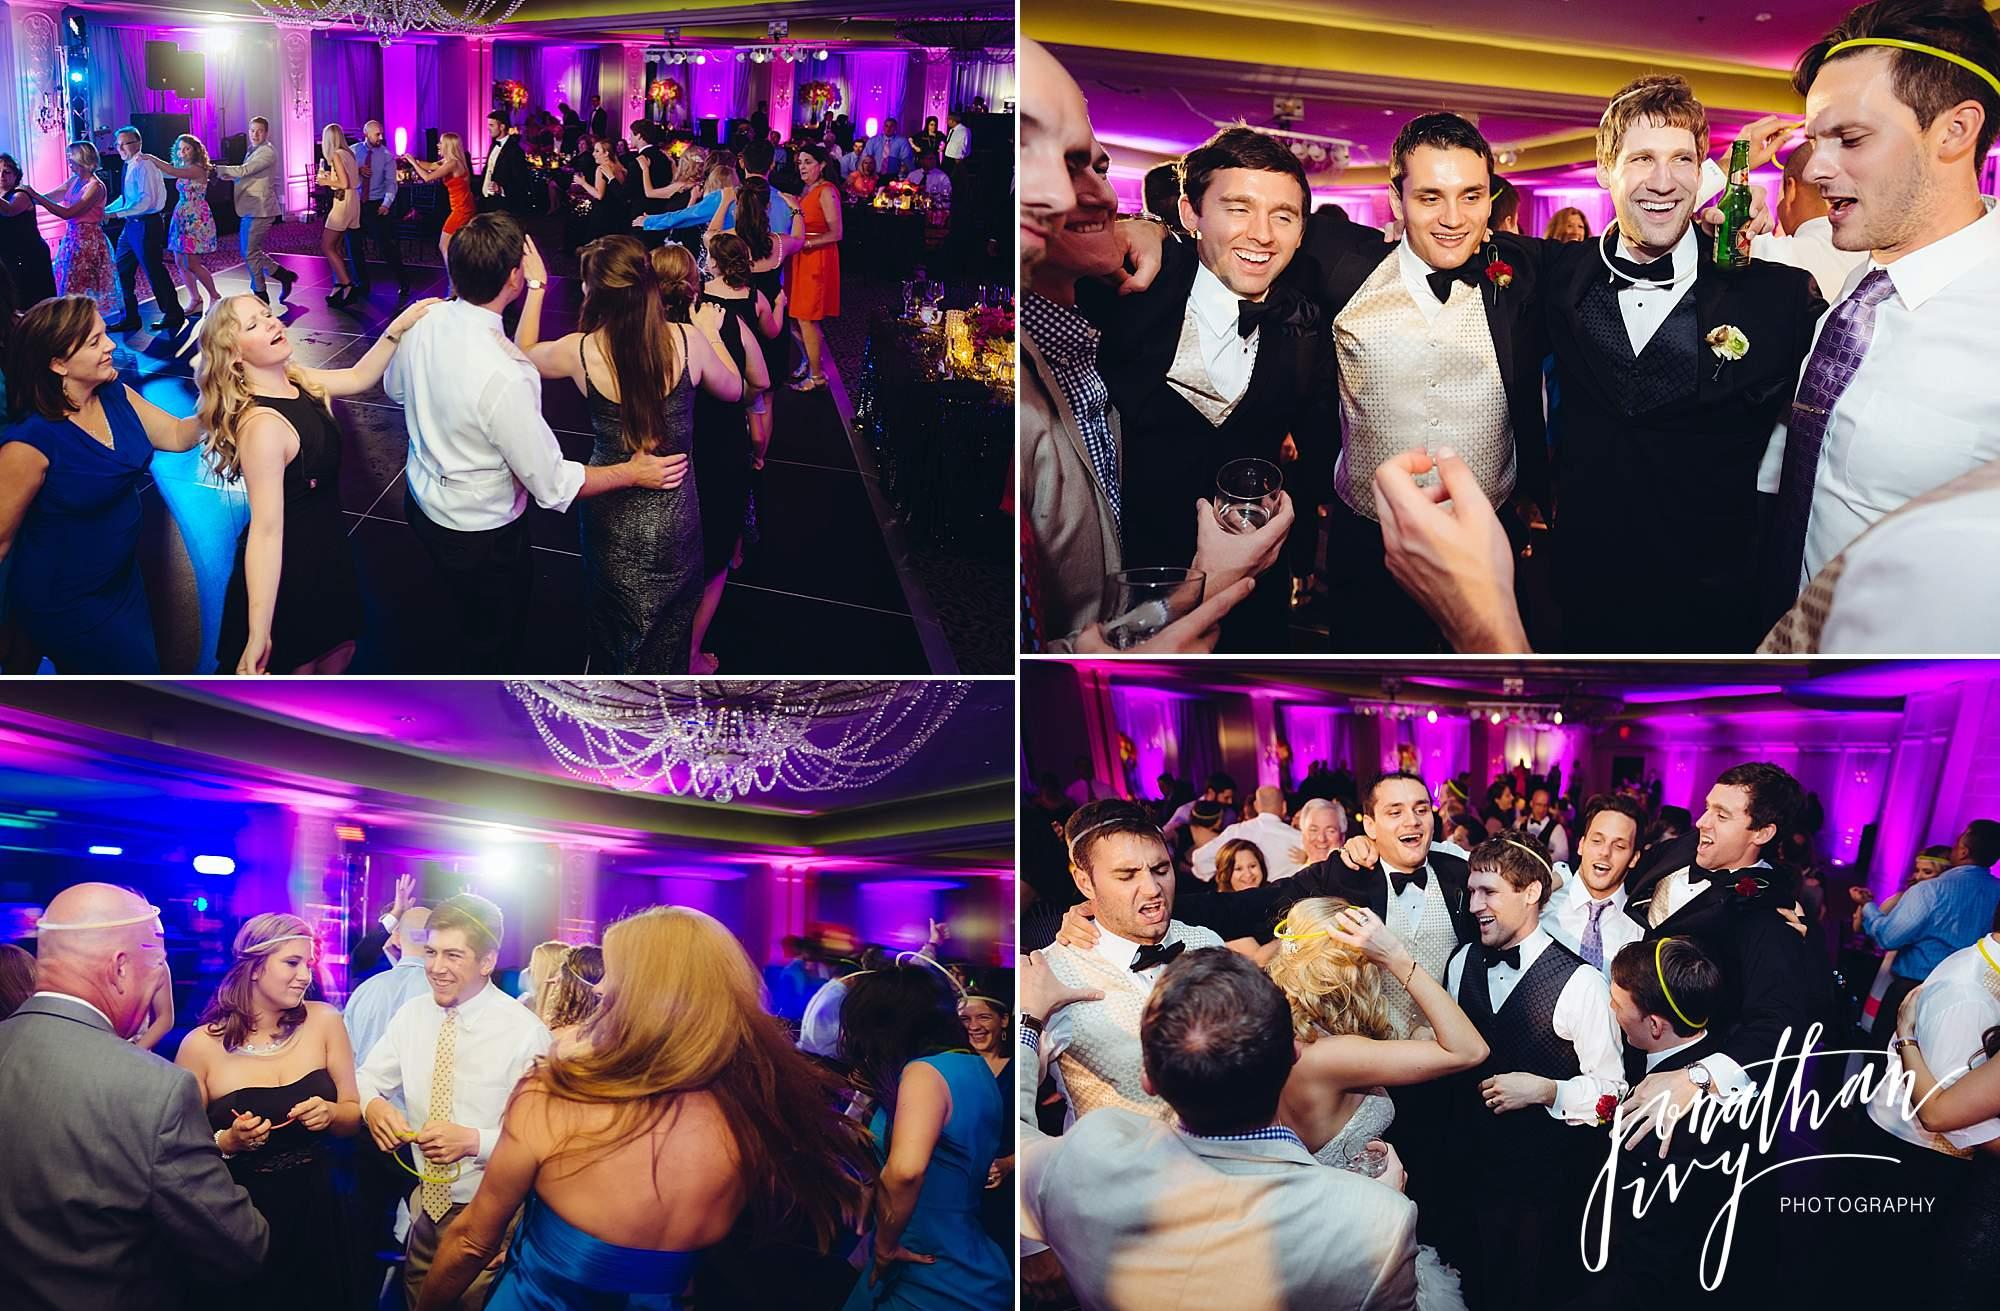 Hotel-Zaza-Houston-Wedding-Reception-0051.jpg